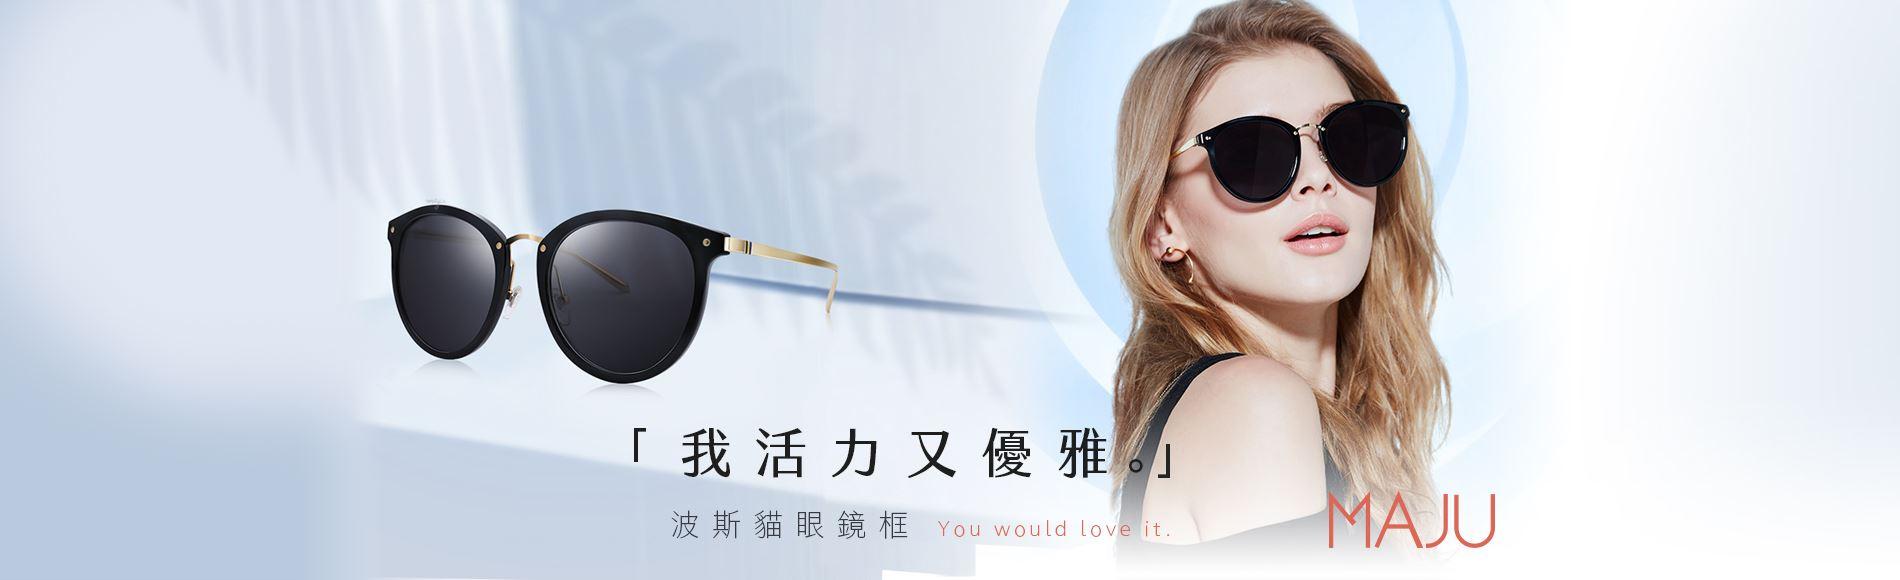 新銳設計偏光太陽眼鏡  MAJU6112